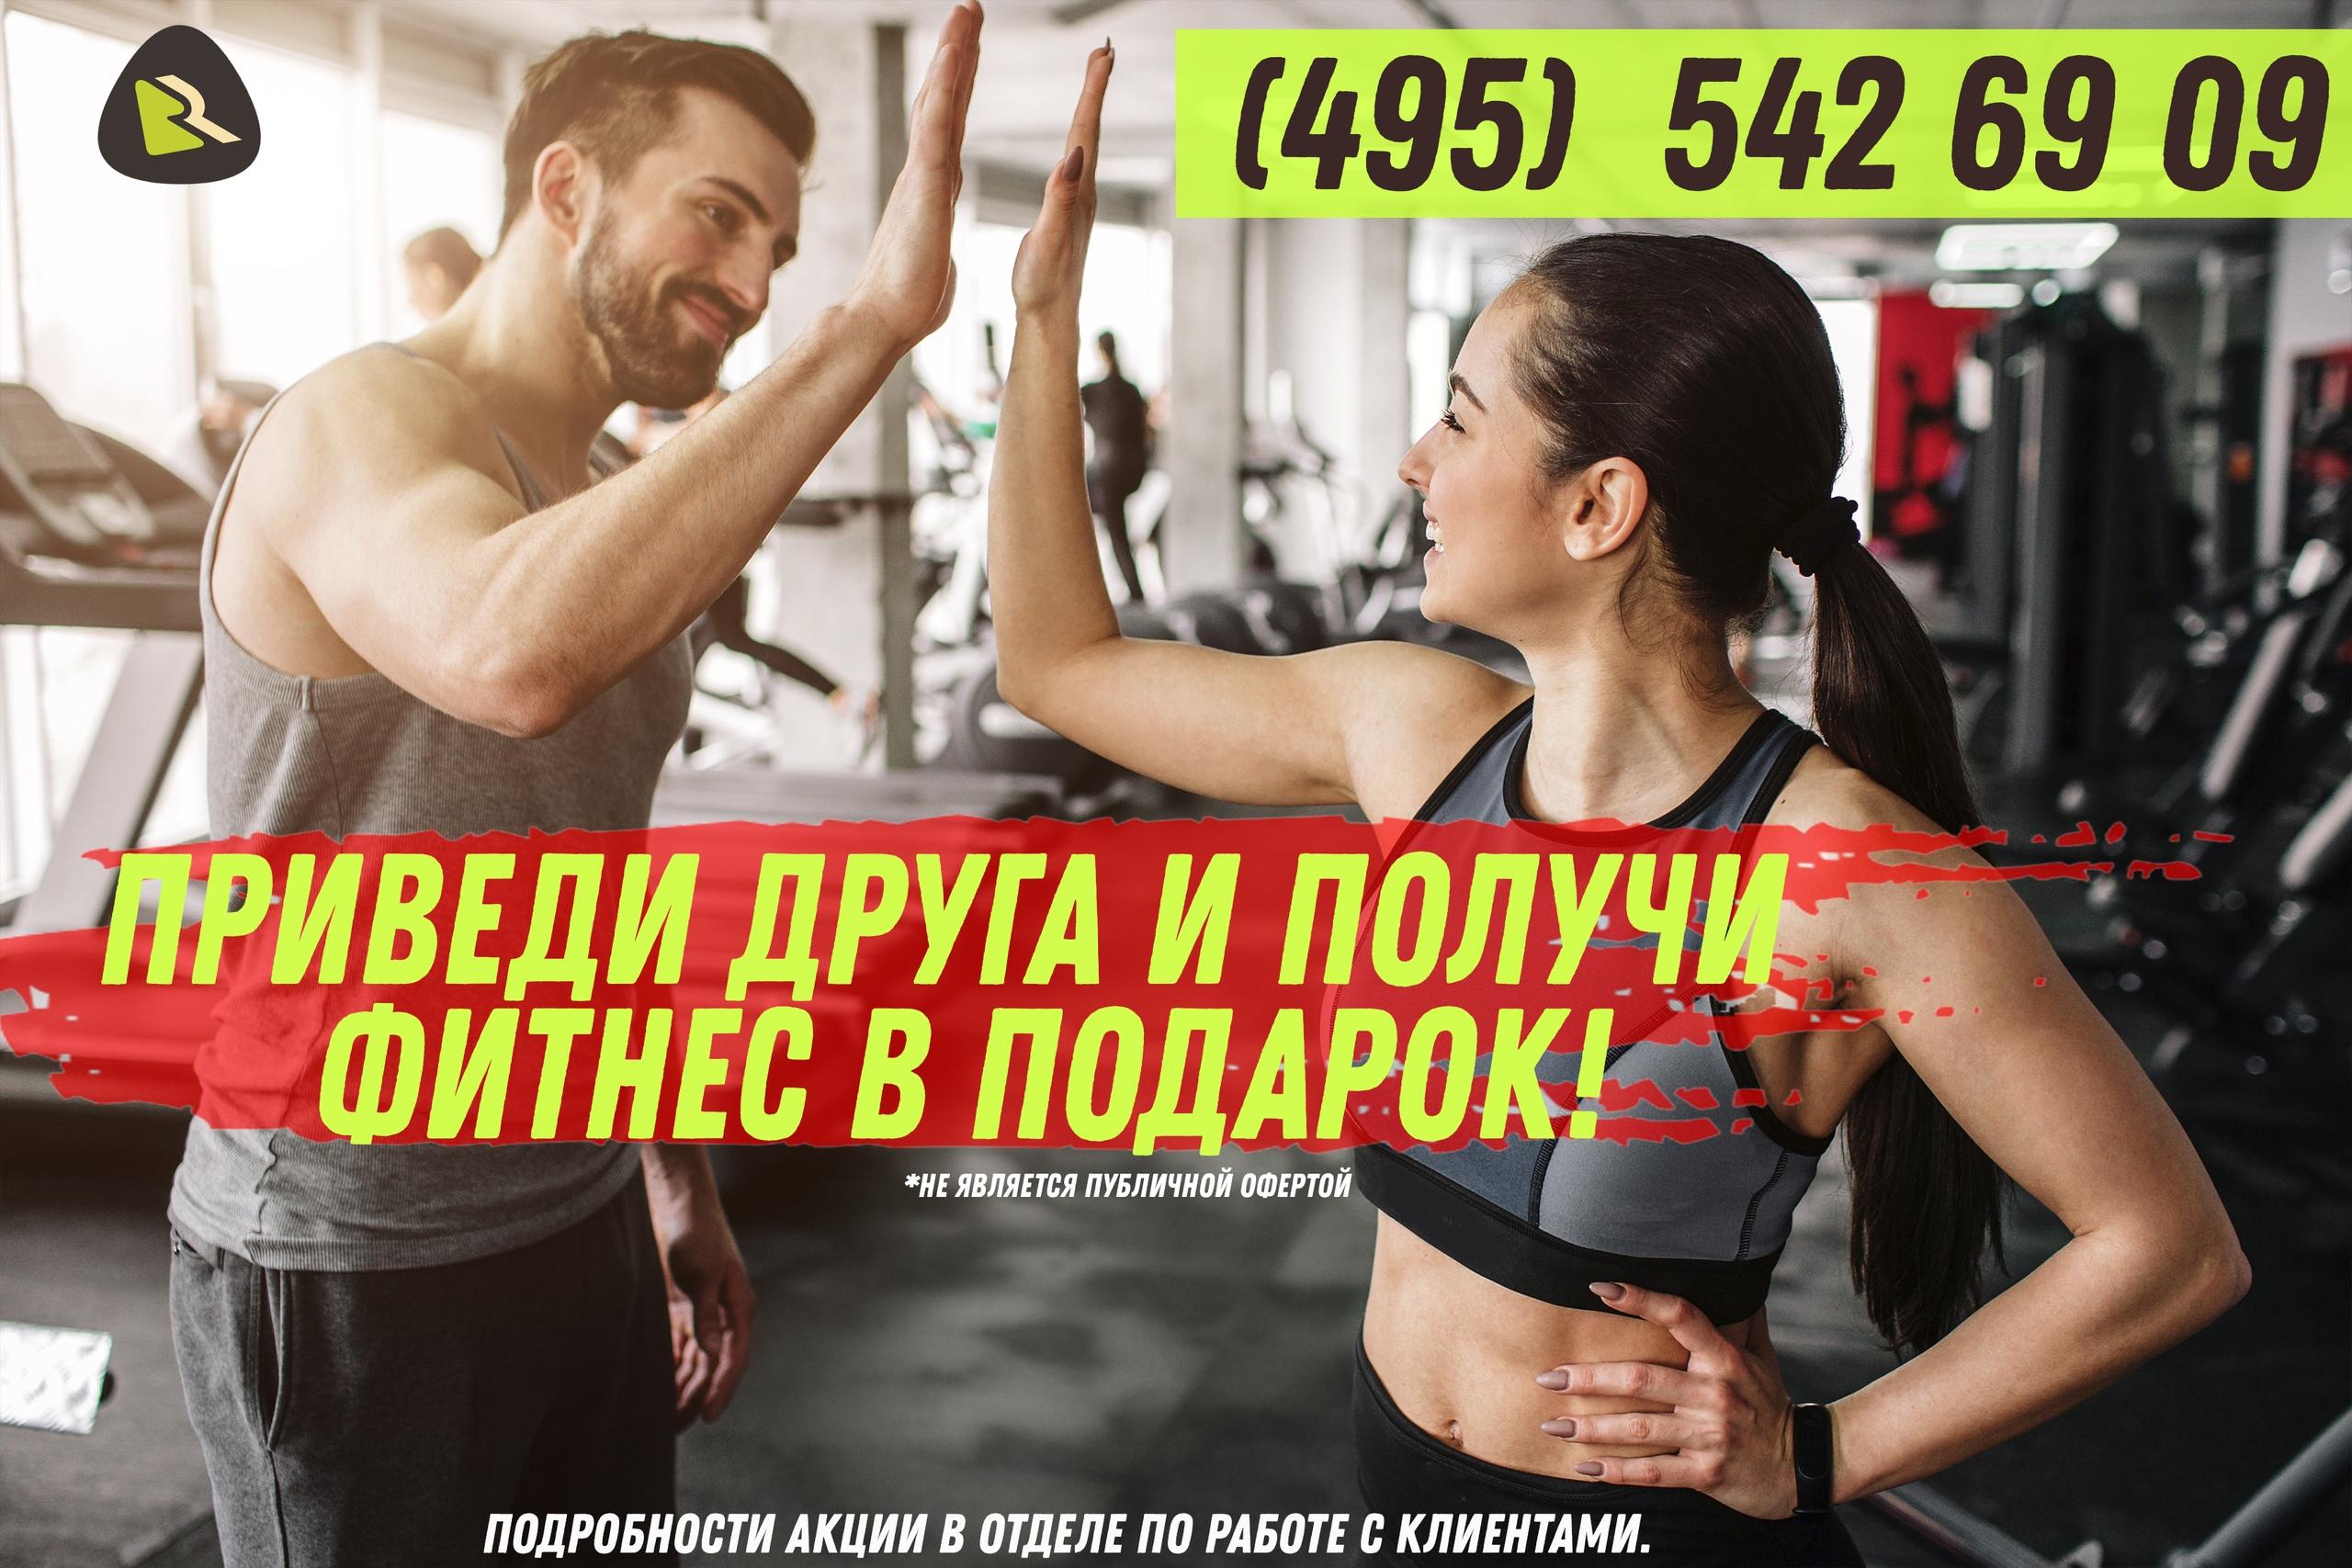 Войтенко, игорь александрович